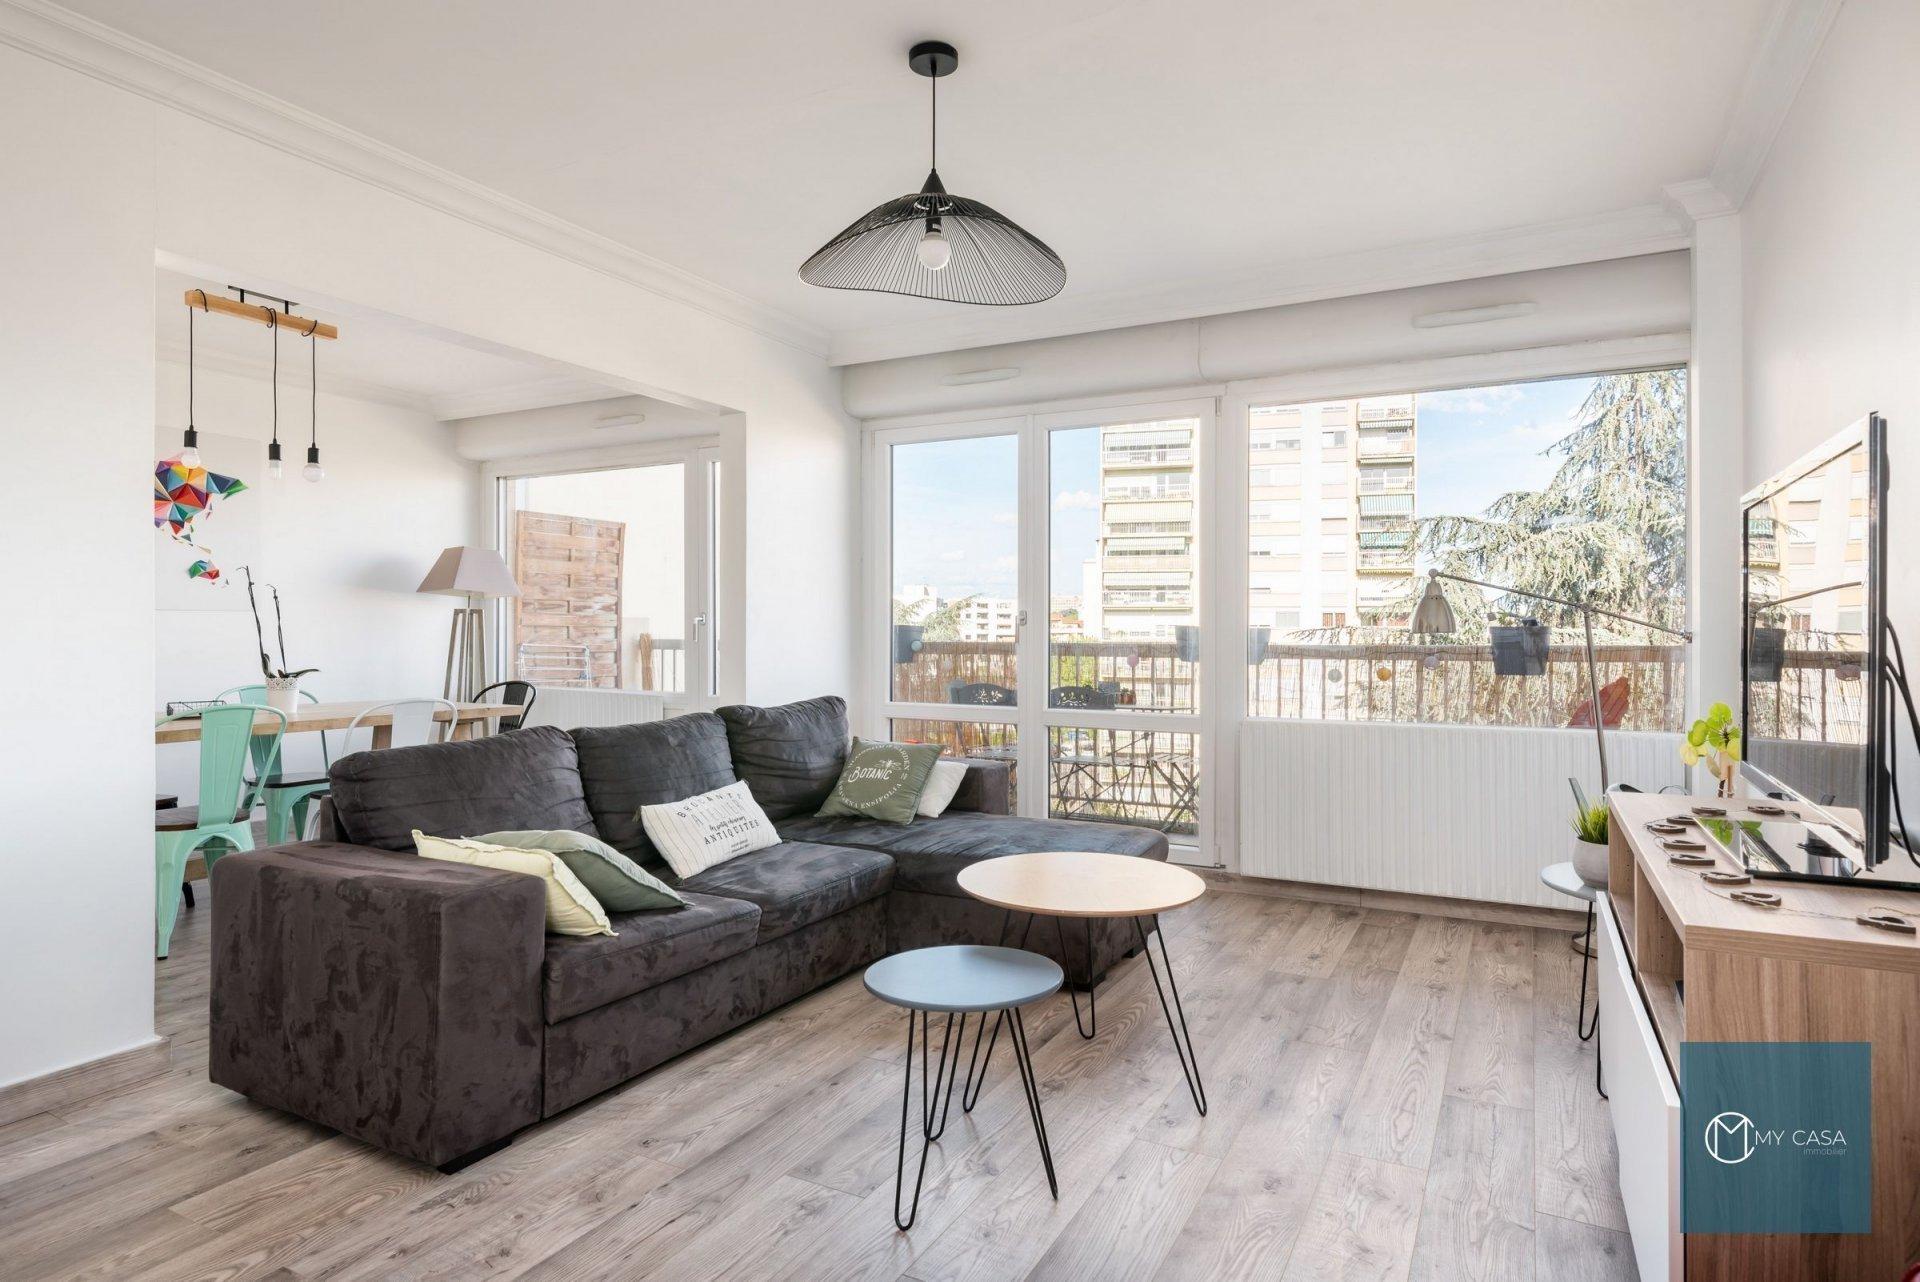 MONPLAISIR - Très beau T3/4 de 85 m2 avec balcon